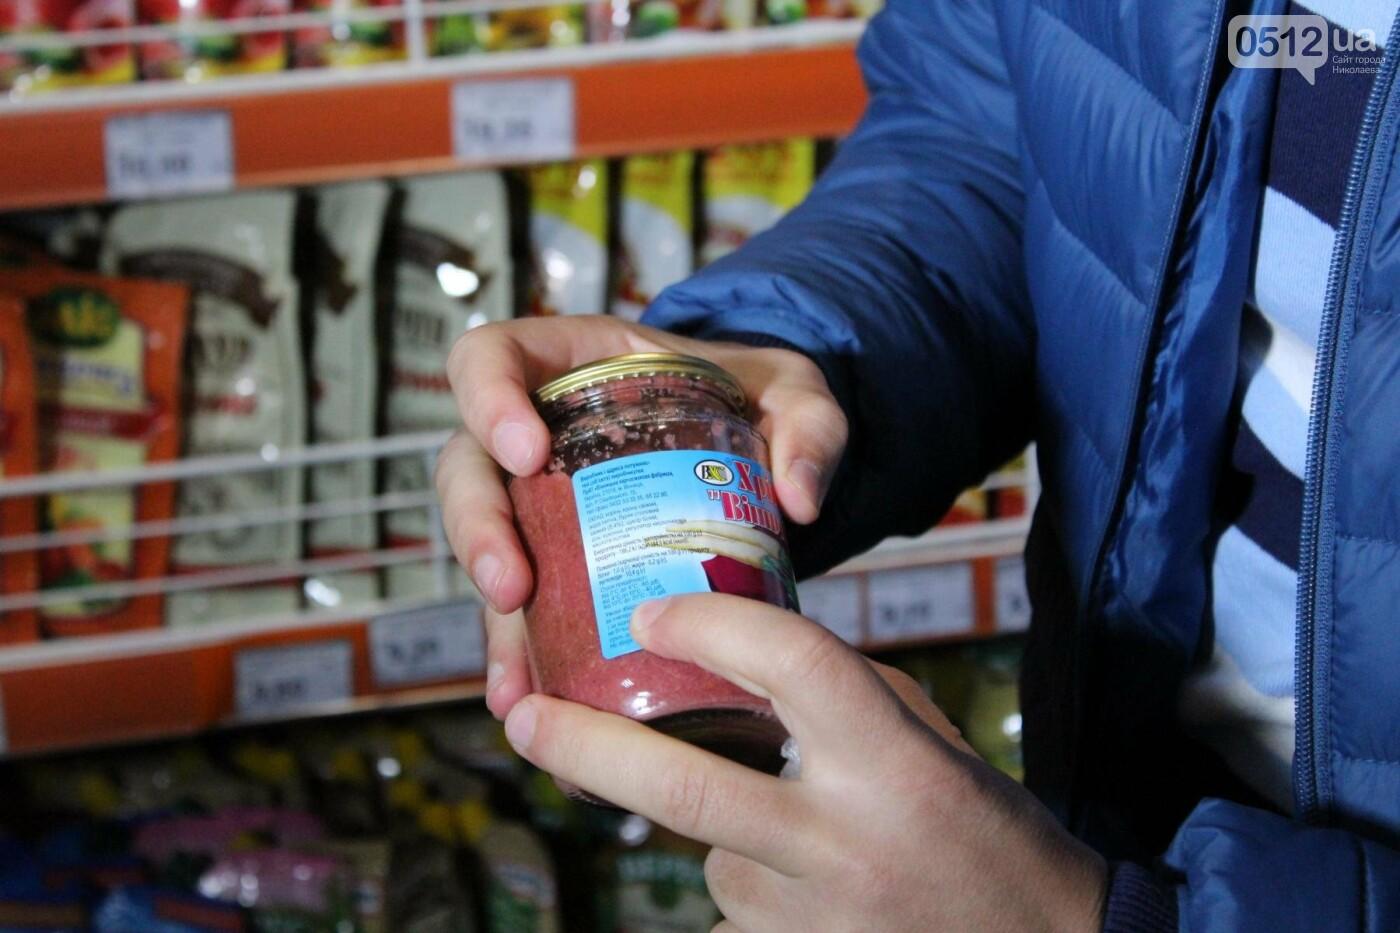 Проверка в супермаркетах: как николаевцам подсовывают испорченный товар (ФОТОРЕПОРТАЖ, ВИДЕО), фото-17